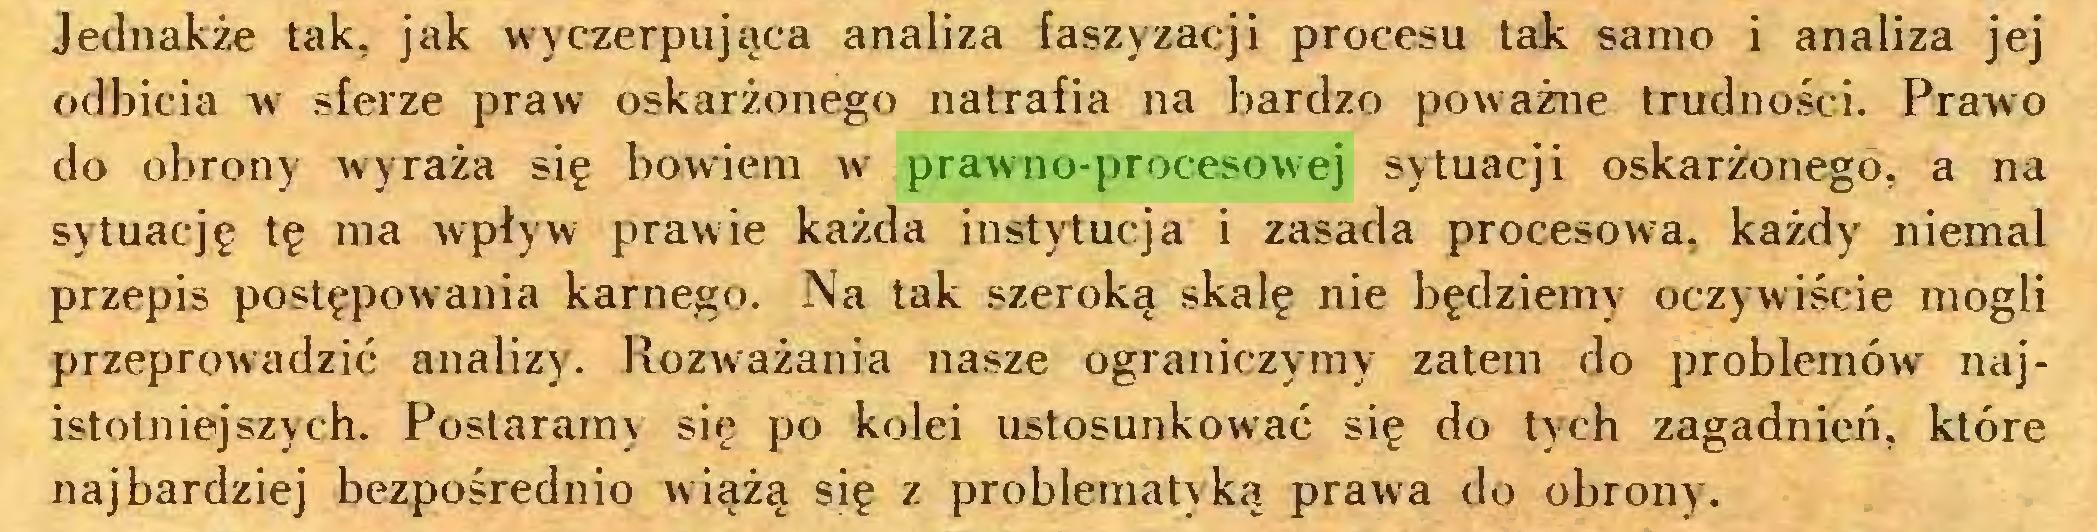 (...) Jednakże tak, jak wyczerpująca analiza Iaszyzacji procesu tak samo i analiza jej odbicia w sferze praw oskarżonego natrafia na bardzo poważne trudności. Prawo do obrony wyraża się bowiem w prawno-procesowej sytuacji oskarżonego, a na sytuację tę ma wpływ prawie każda instytucja i zasada procesowa, każdy niemal przepis postępowania karnego. Na tak szeroką skalę nie będziemy oczywiście mogli przeprowadzić analizy. Rozważania nasze ograniczymy zatem do problemów najistotniejszych. Postaramy się po kolei ustosunkować się do tych zagadnień, które najbardziej bezpośrednio wiążą się z problematyką prawa do obrony...